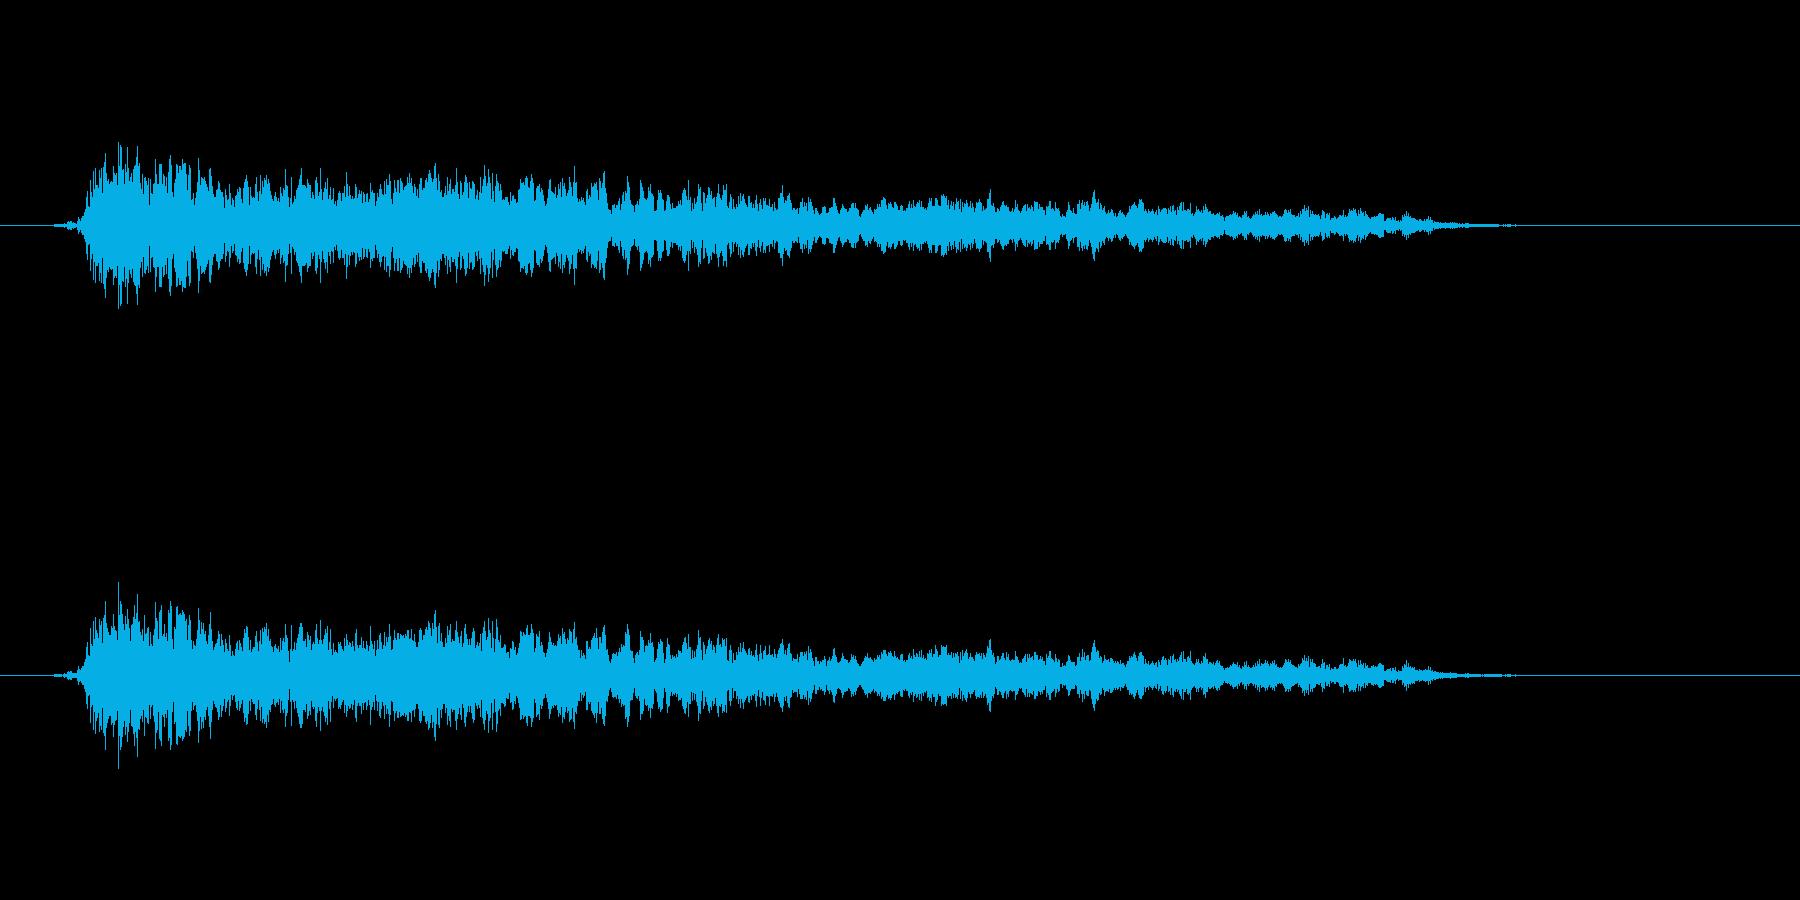 【モンスター02-07】の再生済みの波形